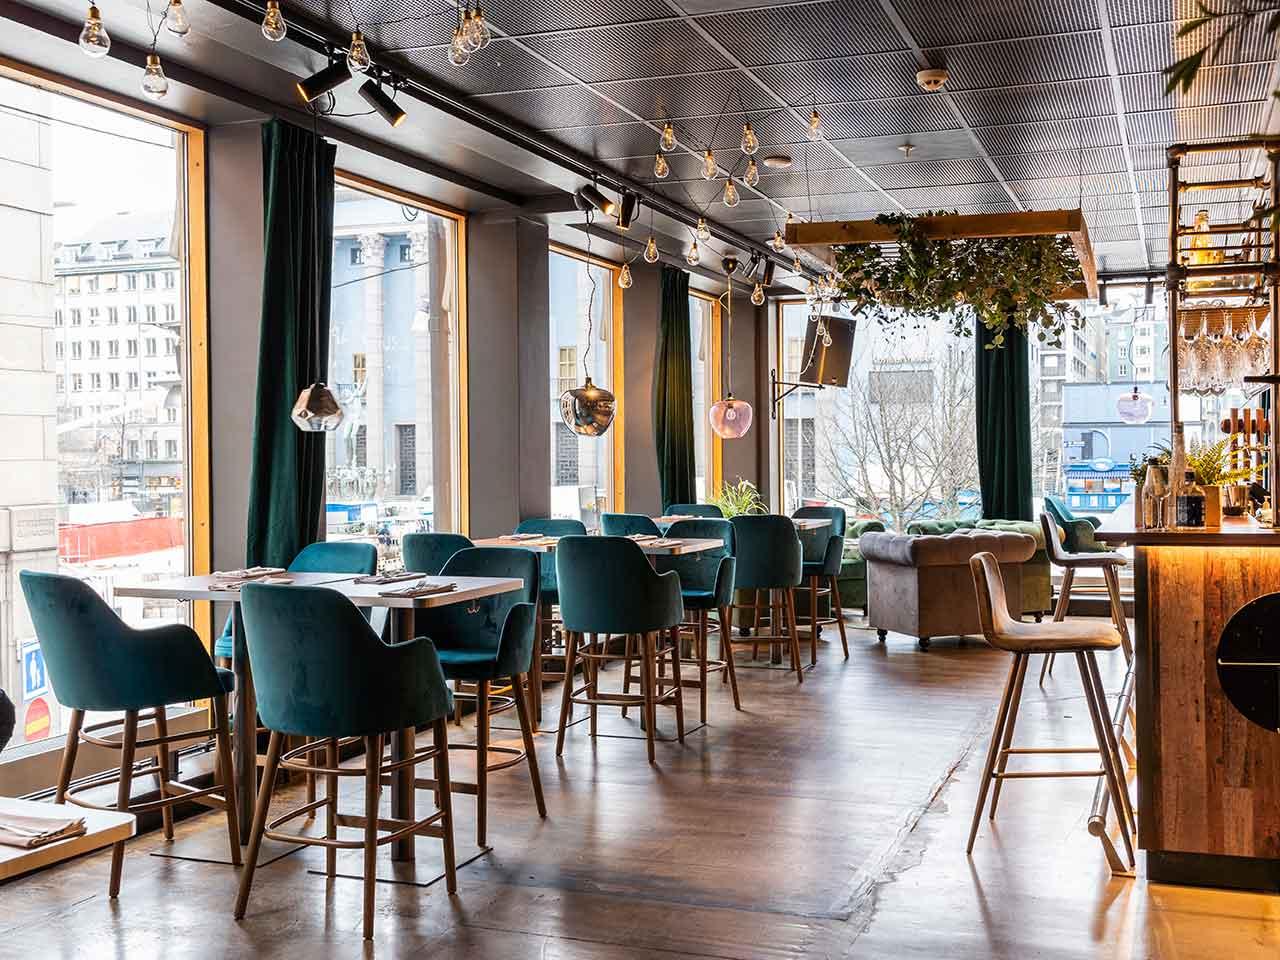 Lokal är en festvåning vid Hötorget - Bar och middagssittning